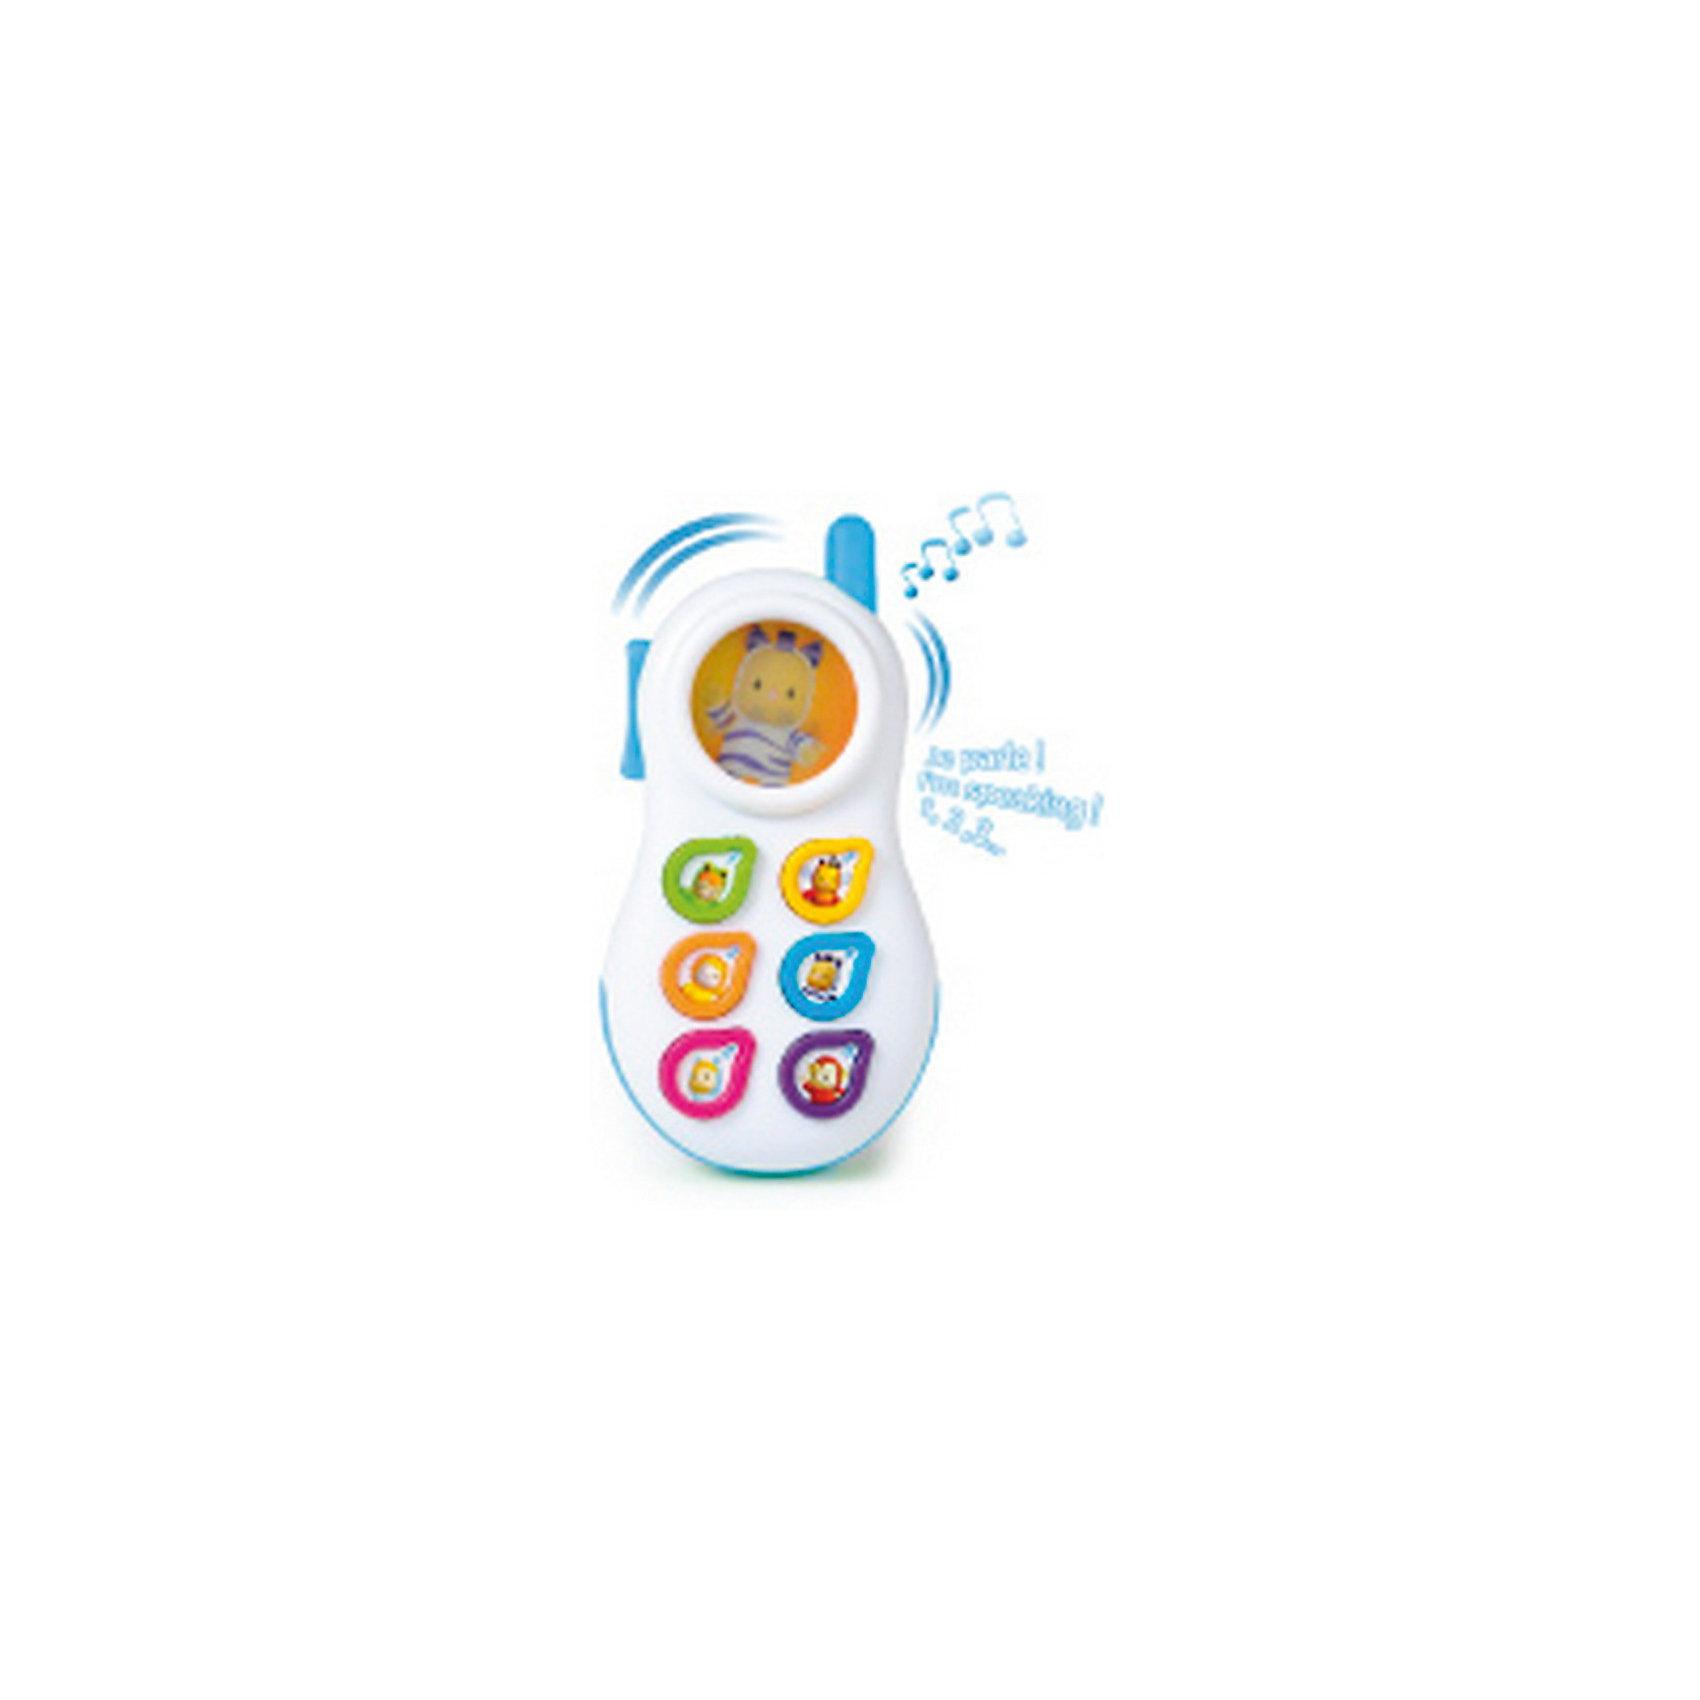 Smoby Cotoons Телефон со светом и звукомТелефоны<br>Телефон Smoby Cotoons - это игрушка со светом и звуком, которая может стать первым телефоном в жизни Вашего малыша. Форма телефона специально разработана так, чтобы его удобно было держать в маленьких ручках. Яркий, приятный на ощупь, выполненный из качественных материалов. Телефон на выбор предлагает 3 языка- русский, английский, китайский , так что малыш получит первое представление об иностранных языках и сможет запомнить несколько слов из них. Антенна телефона светится, ее можно использовать как прорезыватель. А на маленьком дисплее малыша приветствует Панки, который, то прячется, то выскакивает из укрытия (голограмма).  <br>Есть 6 кнопочек с цветной рамкой и изображением карапуза Котунс:<br> - кнопочка 1 с зеленой рамкой и изображением лягушонка Вабап;<br> - кнопочка 2 с желтой рамкой и портретом пчелки Зум;<br> - кнопочка 3 с оранжевой рамкой - львенок Тюлип;<br> - кнопочки 4 с синей рамкой - зебра Панки;<br> - кнопочка 5 с красной рамкой - гусеничка Чоувинг;<br> - кнопочка 6 с фиолетовой рамкой - обезьянка Моки;<br> при первом нажатии называется цифра, при втором - цвет, третьем - приветствие карапуза или забавный звук; <br>при отсутствии действий с игрушкой предусмотрено автоматическое отключение (примерно через 20 секунд): через некоторое время телефон сам звонит, приглашая малыша продолжить игру, затем говорит «Пока!» и отключается.<br>Телефон стимулирует развитие тактильных навыков и сенсорного восприятия. <br><br>Дополнительная информация:<br><br>- цвета : розовый, голубой<br>- материал: высококачественная пластмасса<br>- размер игрушки: 15х8х2 см.<br>- размер упаковки: 14х5х21 см.<br>- вес: 0,22 кг.<br><br>Телефон Smoby Cotoons можно купить в нашем интернет-магазине<br><br>Ширина мм: 140<br>Глубина мм: 50<br>Высота мм: 210<br>Вес г: 220<br>Возраст от месяцев: 6<br>Возраст до месяцев: 36<br>Пол: Унисекс<br>Возраст: Детский<br>SKU: 3246469